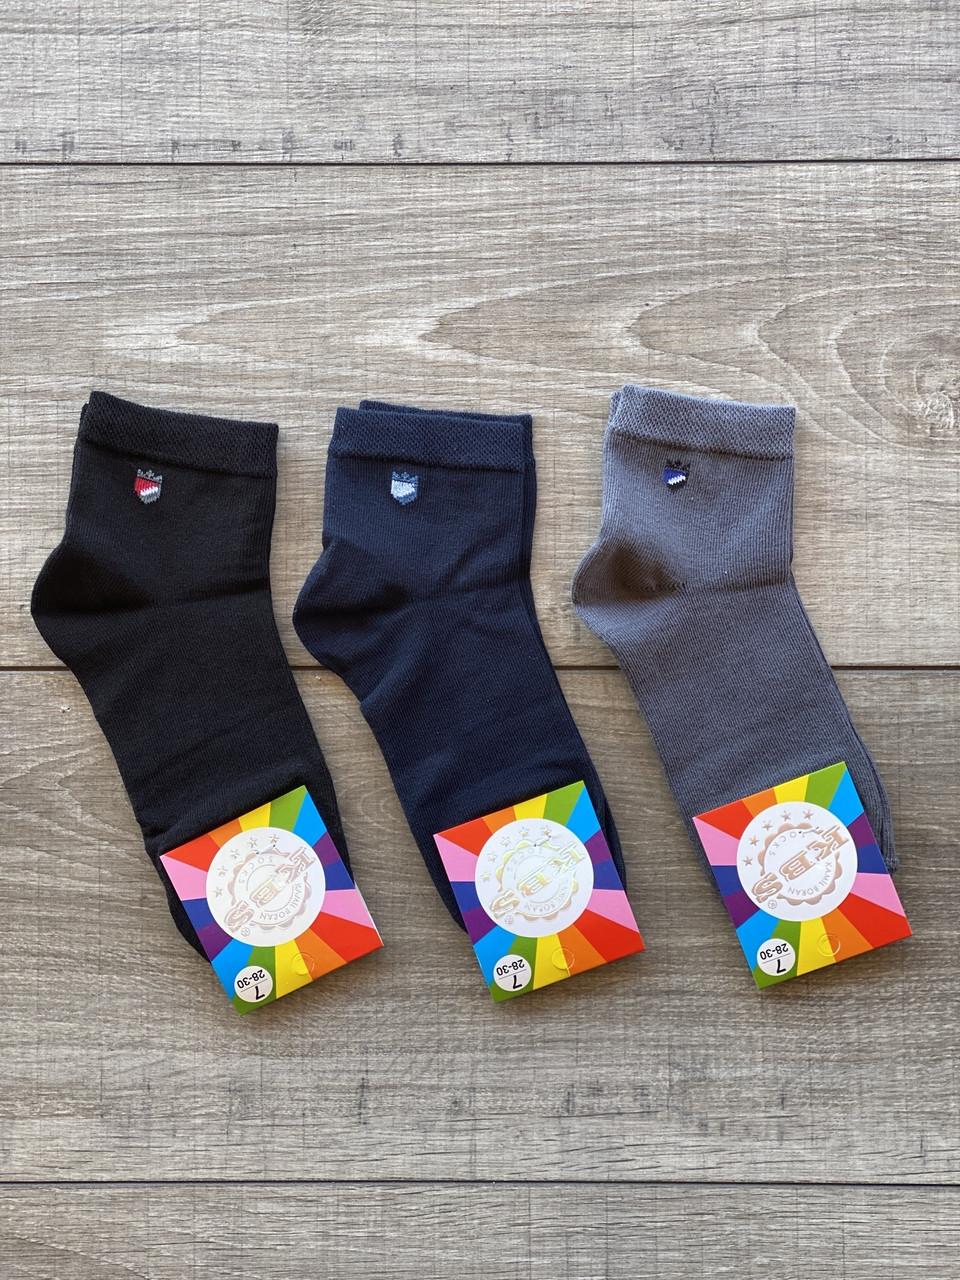 Дитячі підліткові шкарпетки бавовна KBS для хлопчиків 7-8,9-10,11-12 років 12 шт в уп мікс 3 кольорів